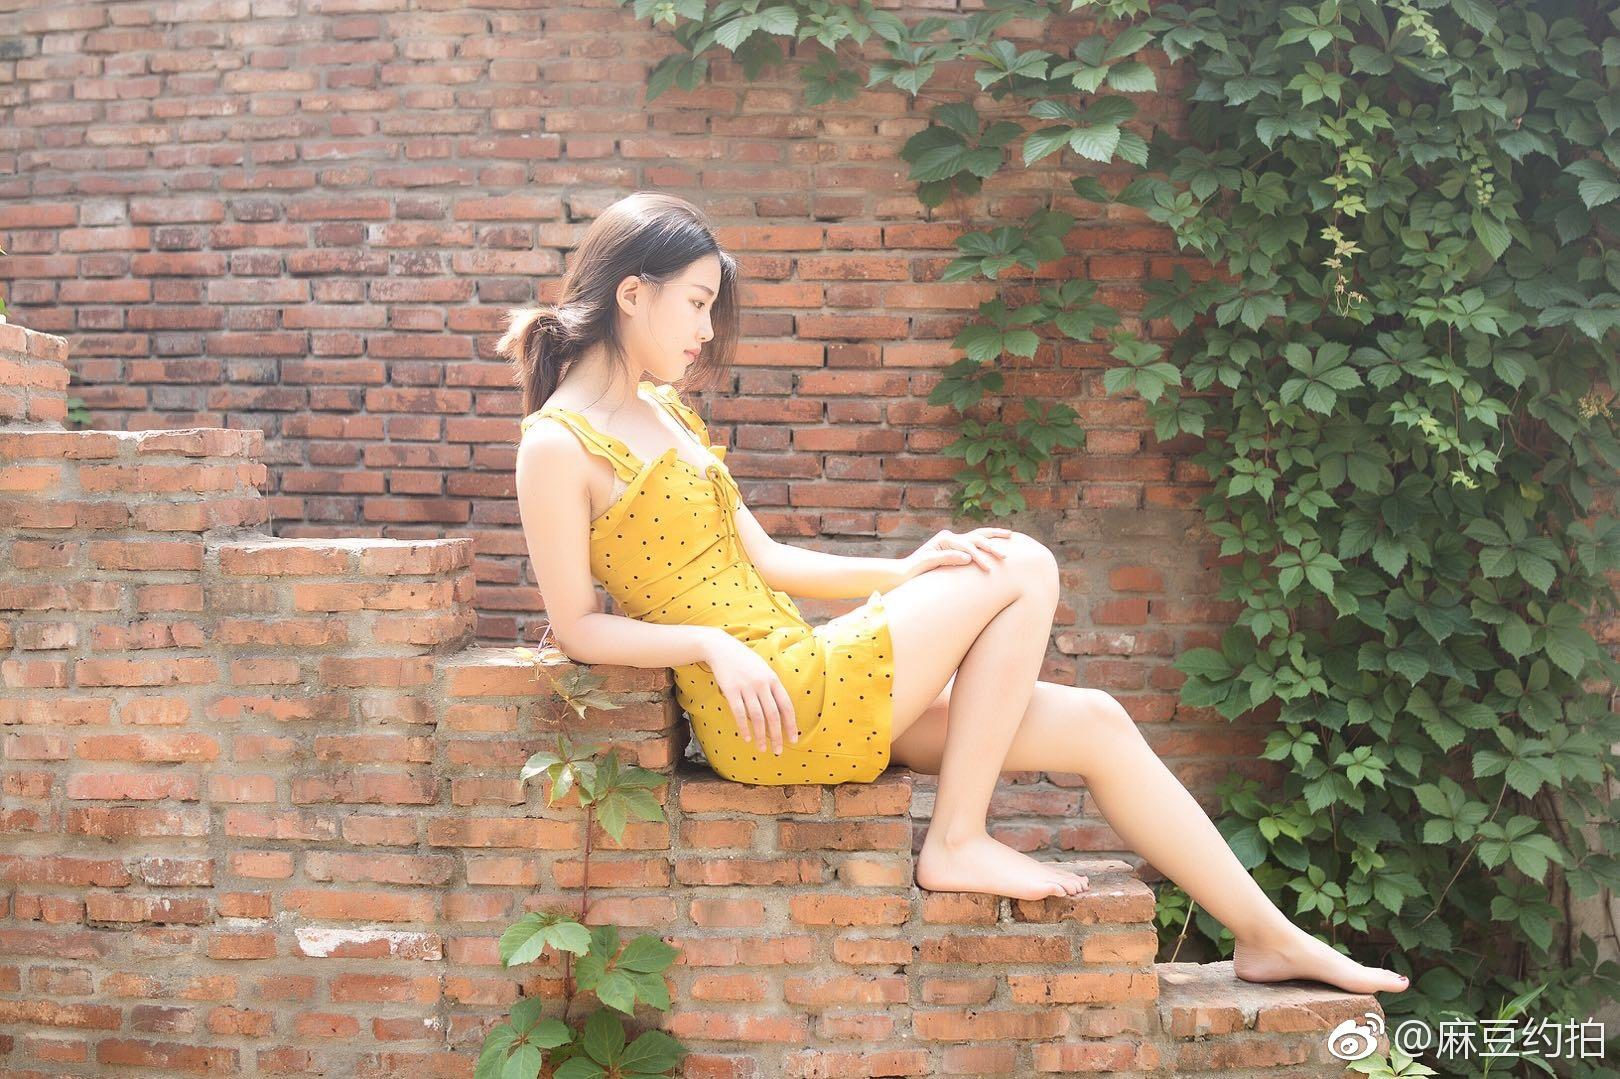 女人麻皮分类_美女麻豆约拍约拍互勉 澄海人 想尝试不同类型的拍照风格 欢迎有想法